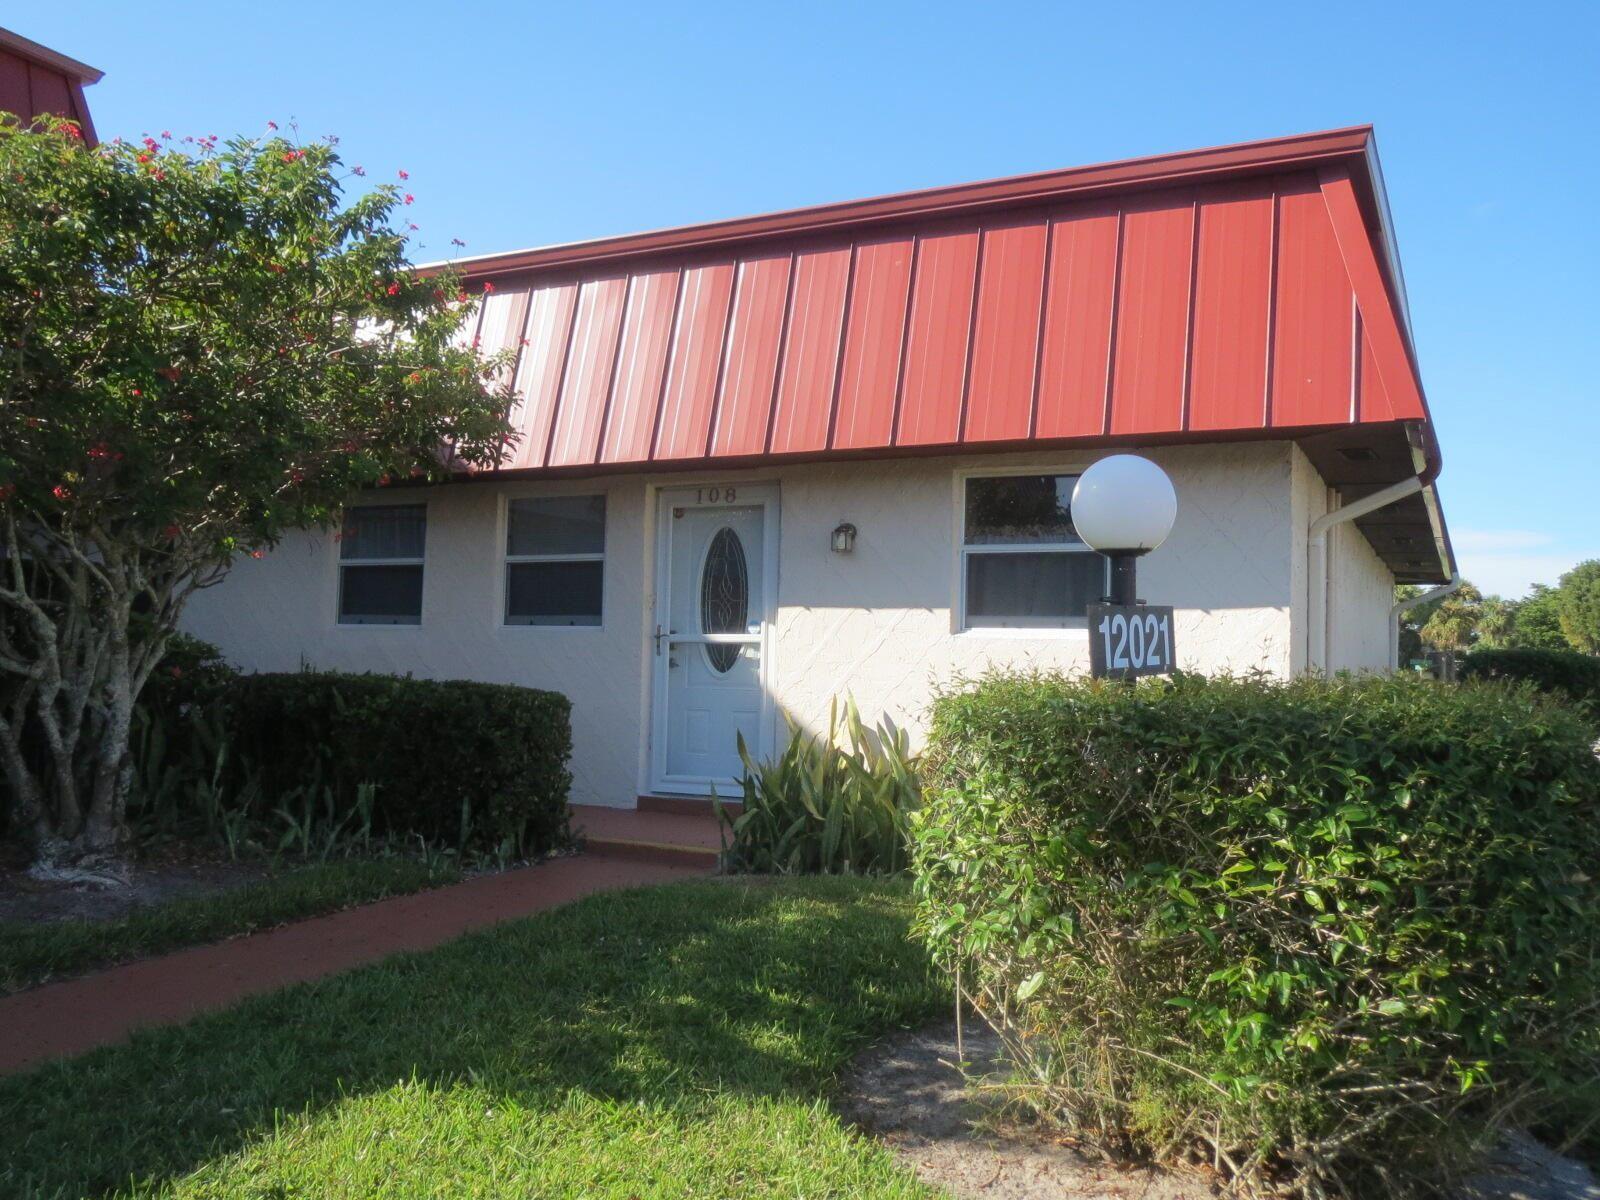 12021 W Greenway Drive #108, Royal Palm Beach, FL 33411 - #: RX-10750335